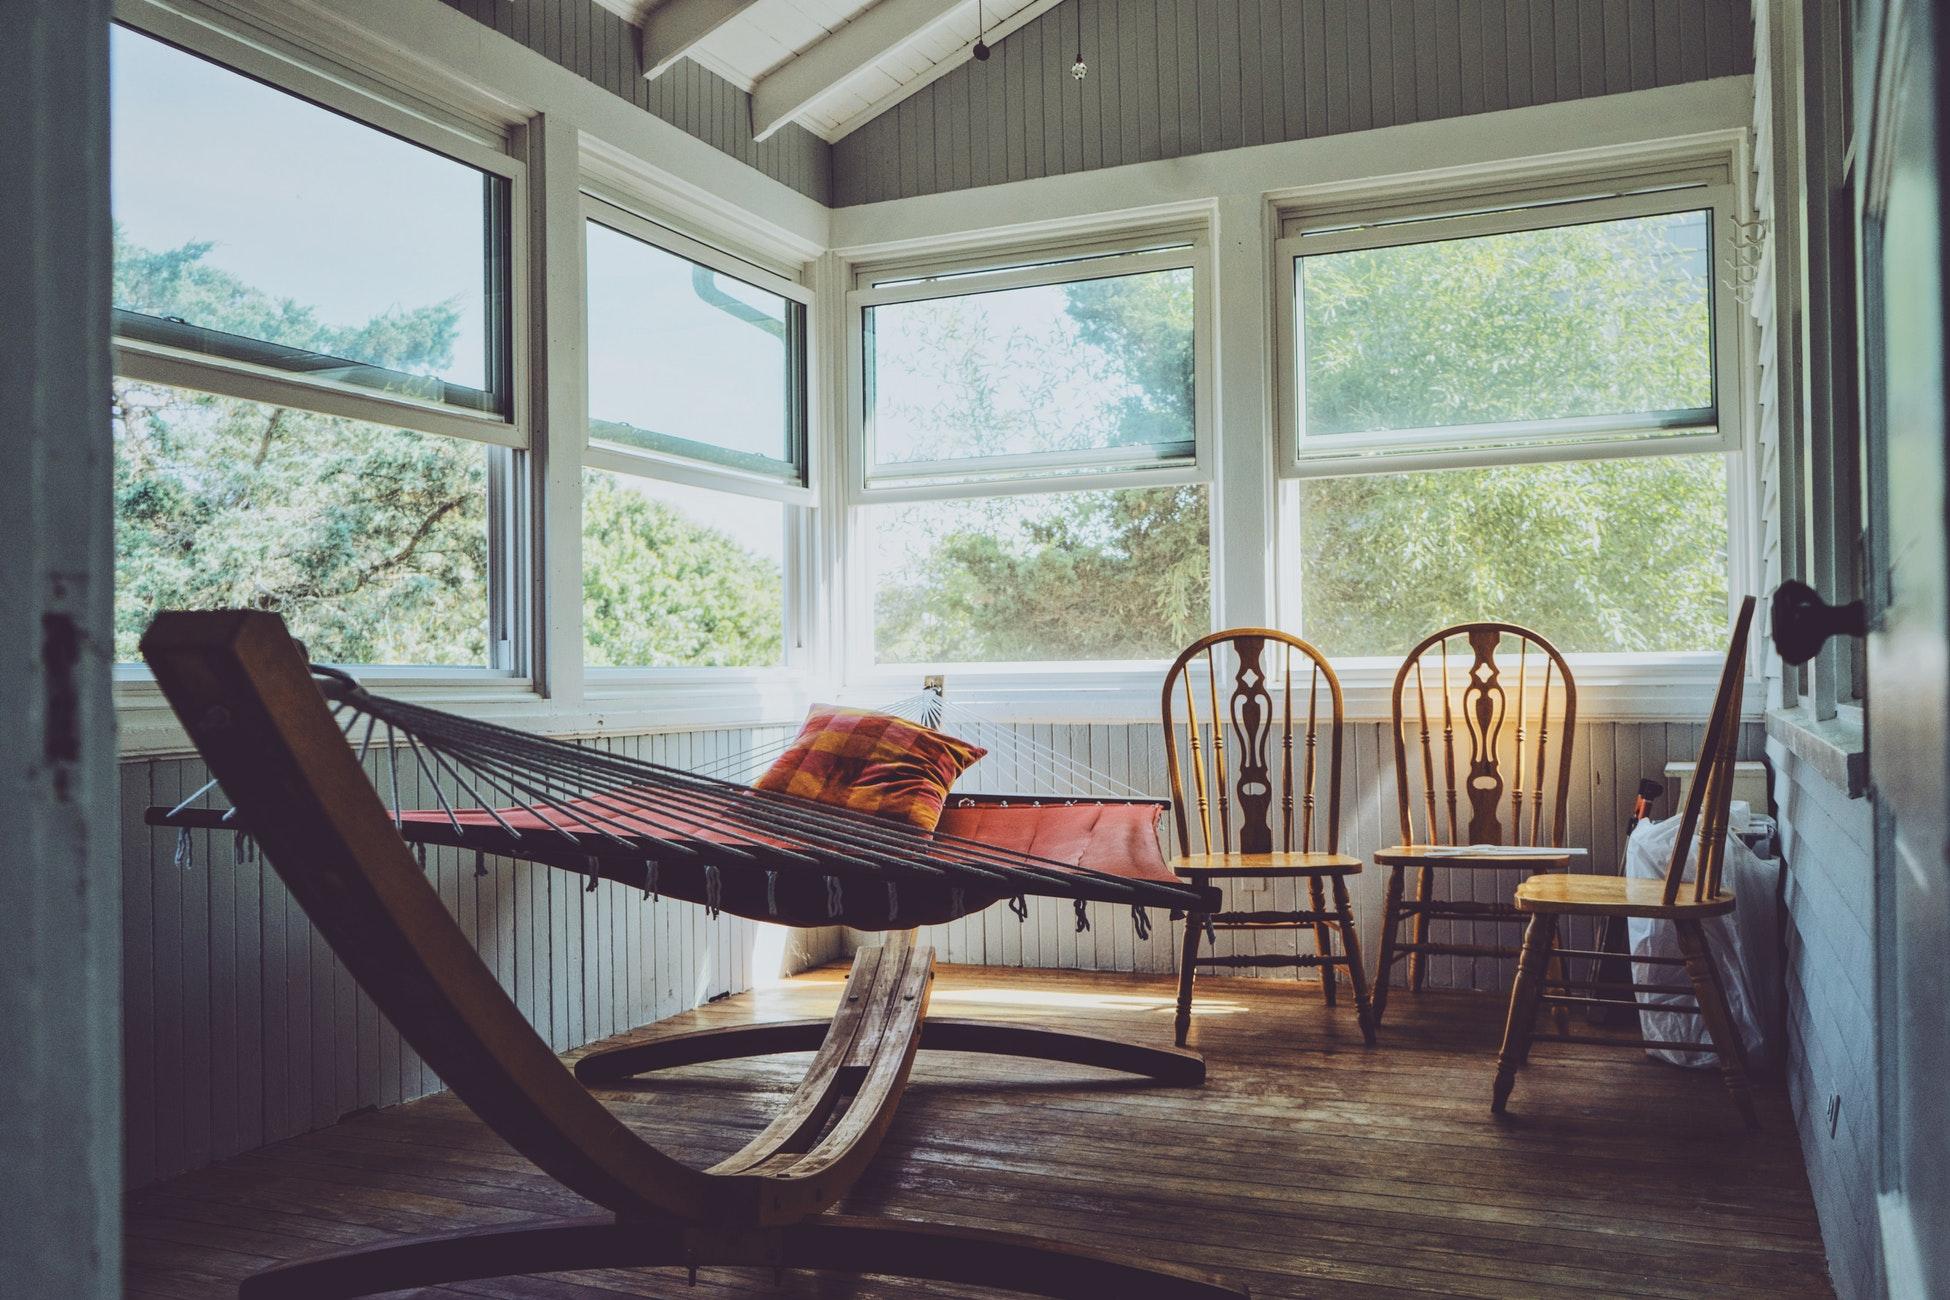 Hangmat Voor Op Balkon.Een Hangmat Voor In Huis Huis Met Tuin